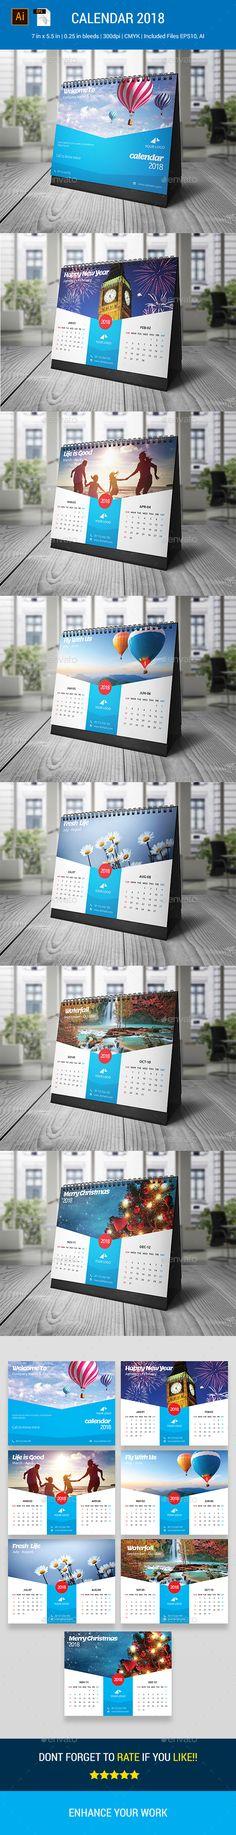 Calendar 2018 - Calendars Stationery    #calendars  #stationery  #DeskCalendar  #graphicriver  #Design #Desk #buisness